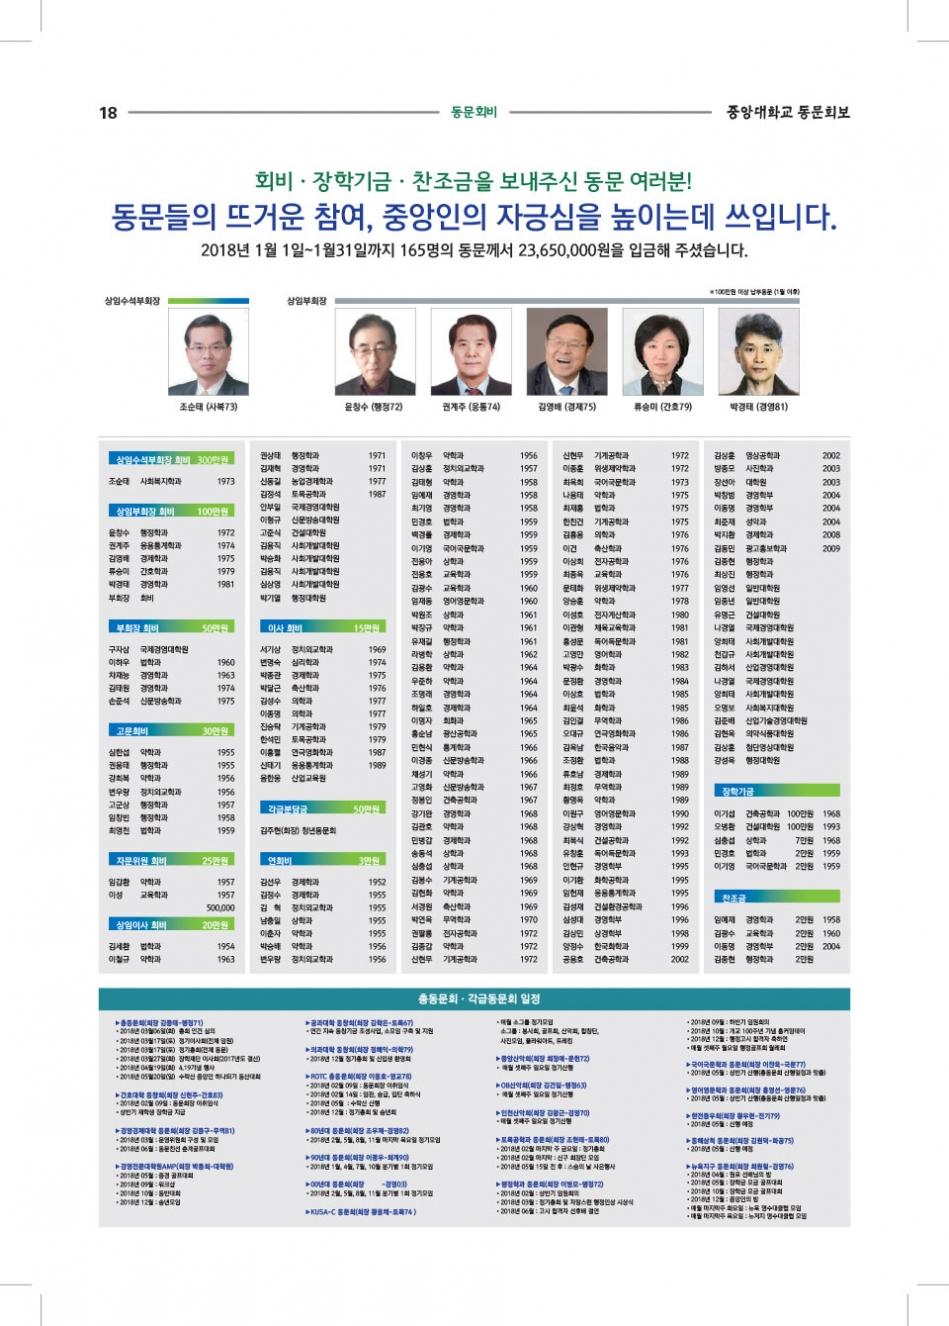 중총신문-18-2-15-최종00-OL인쇄다시-(1)-18.jpg